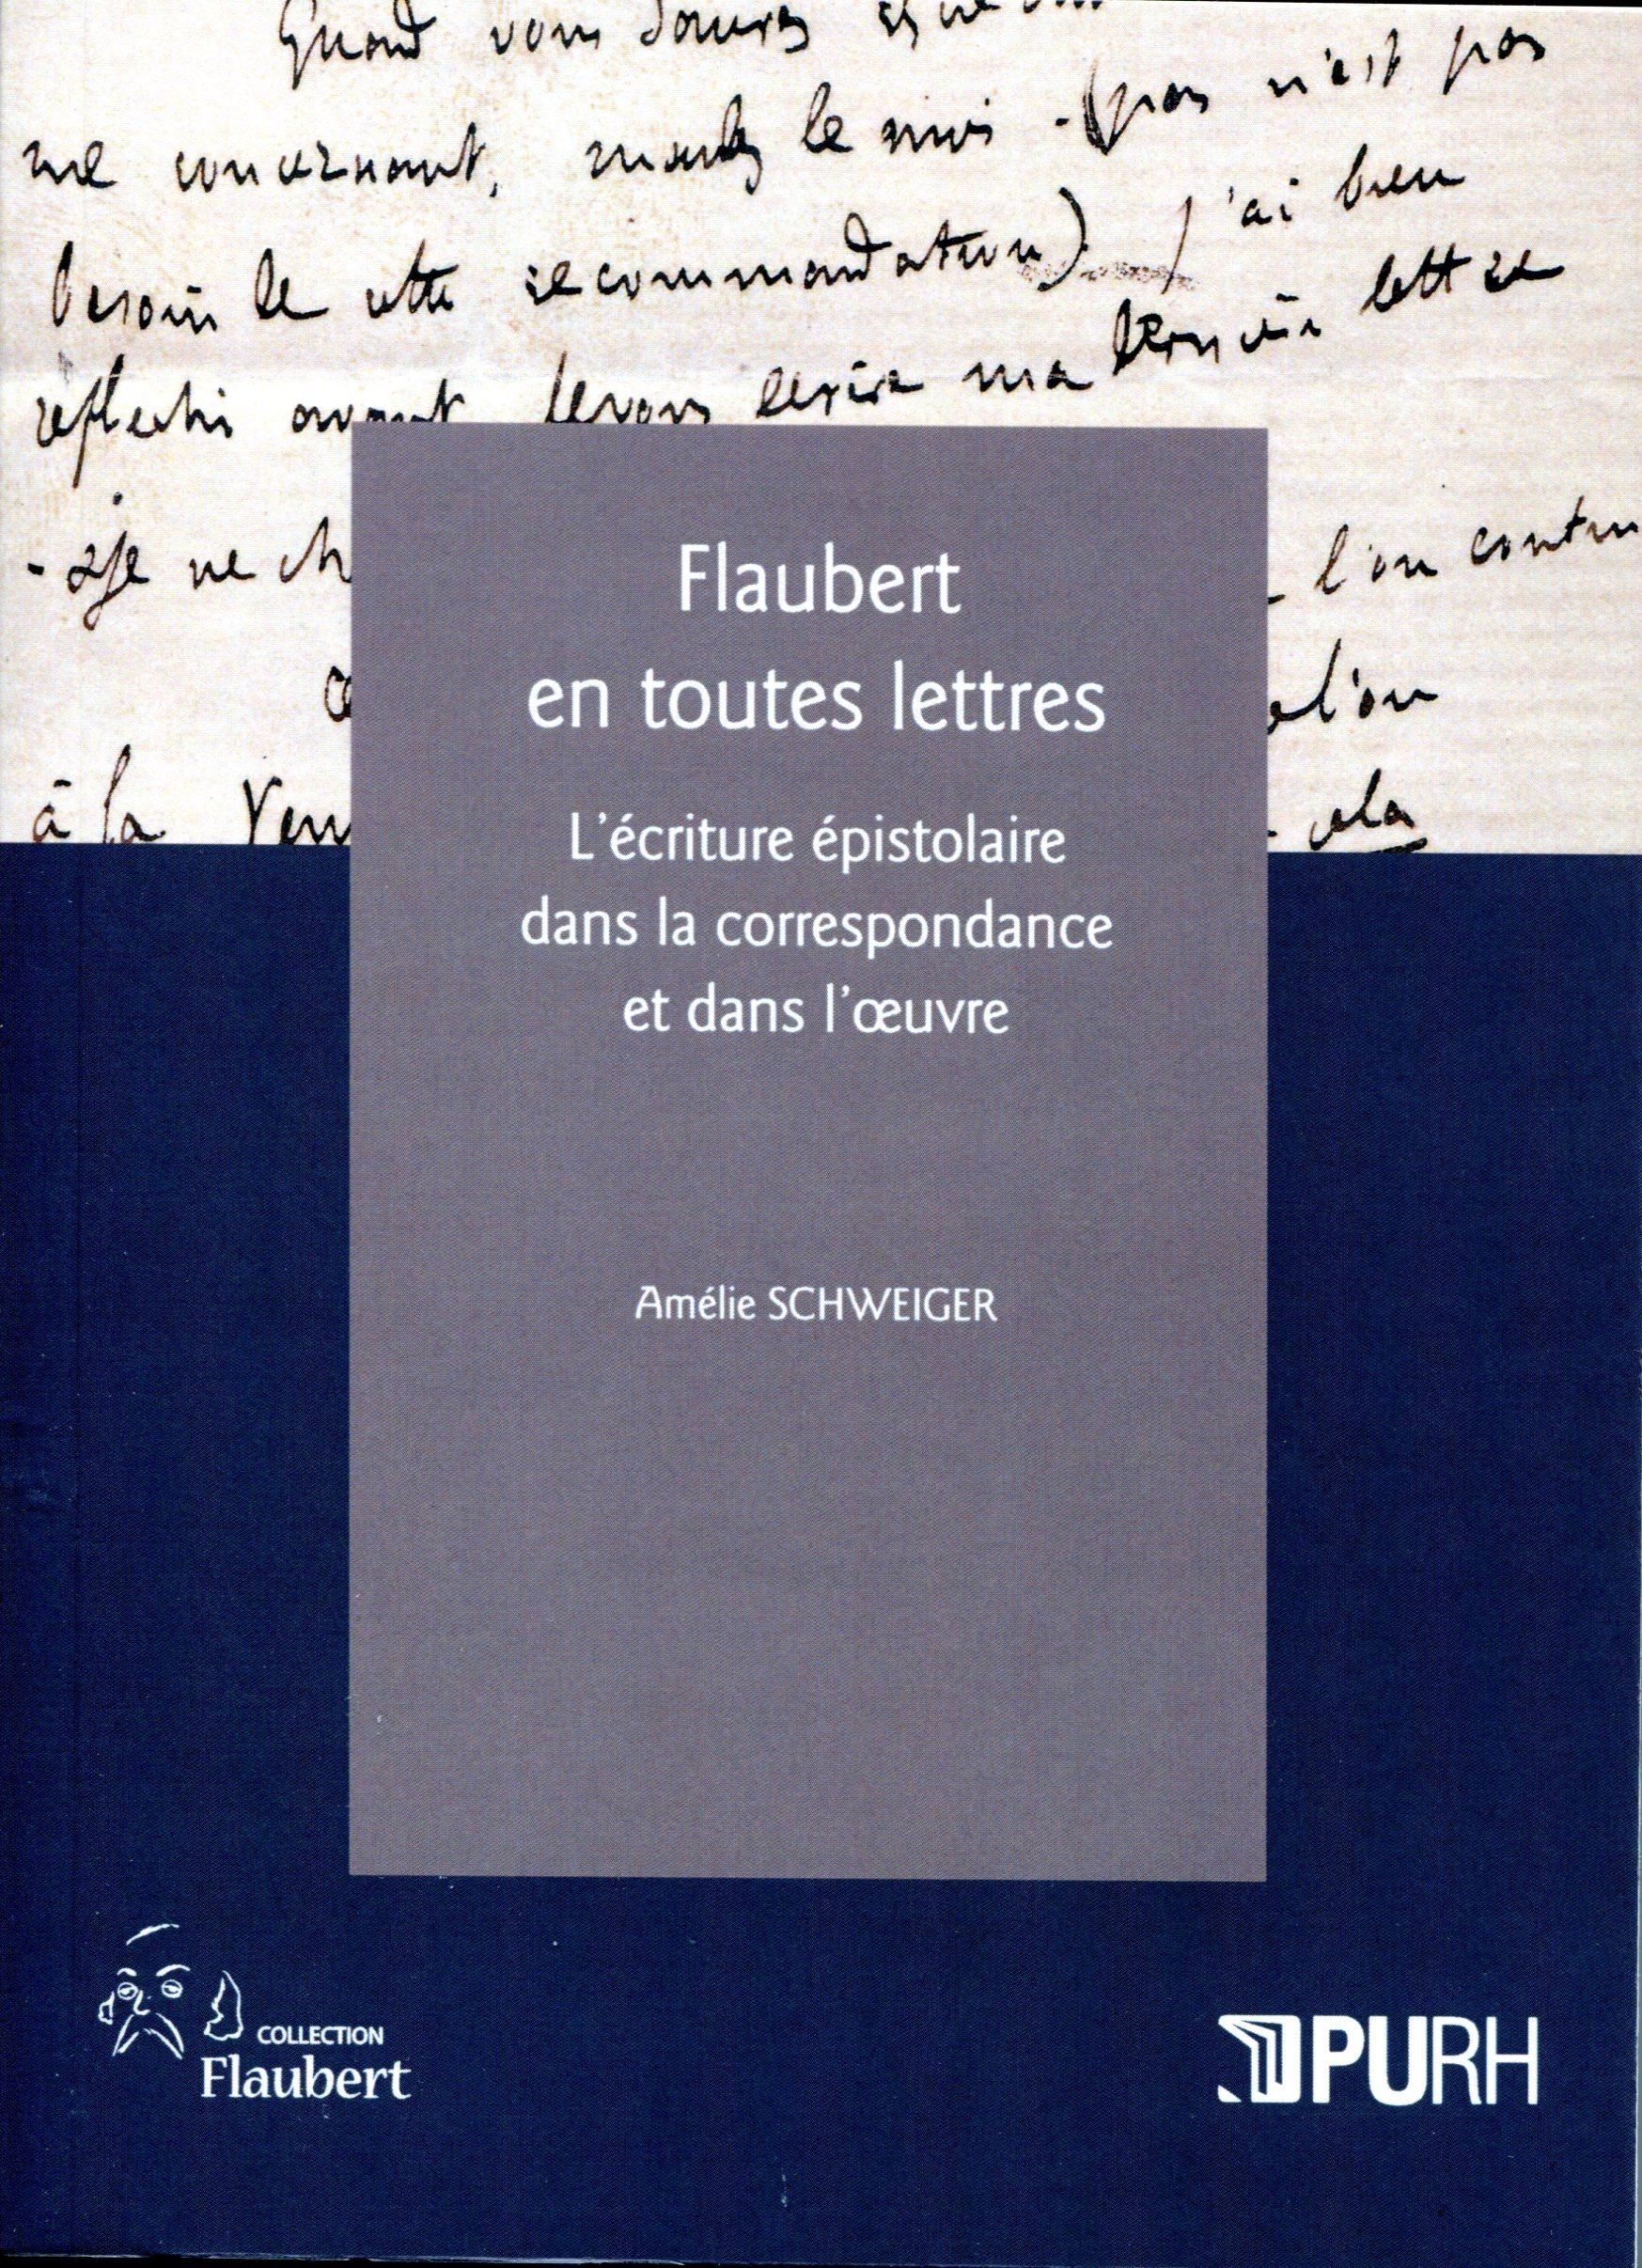 Flaubert en toutes lettres. l'ecriture epistolaire dans la correspond ance et dans l'oeuvre